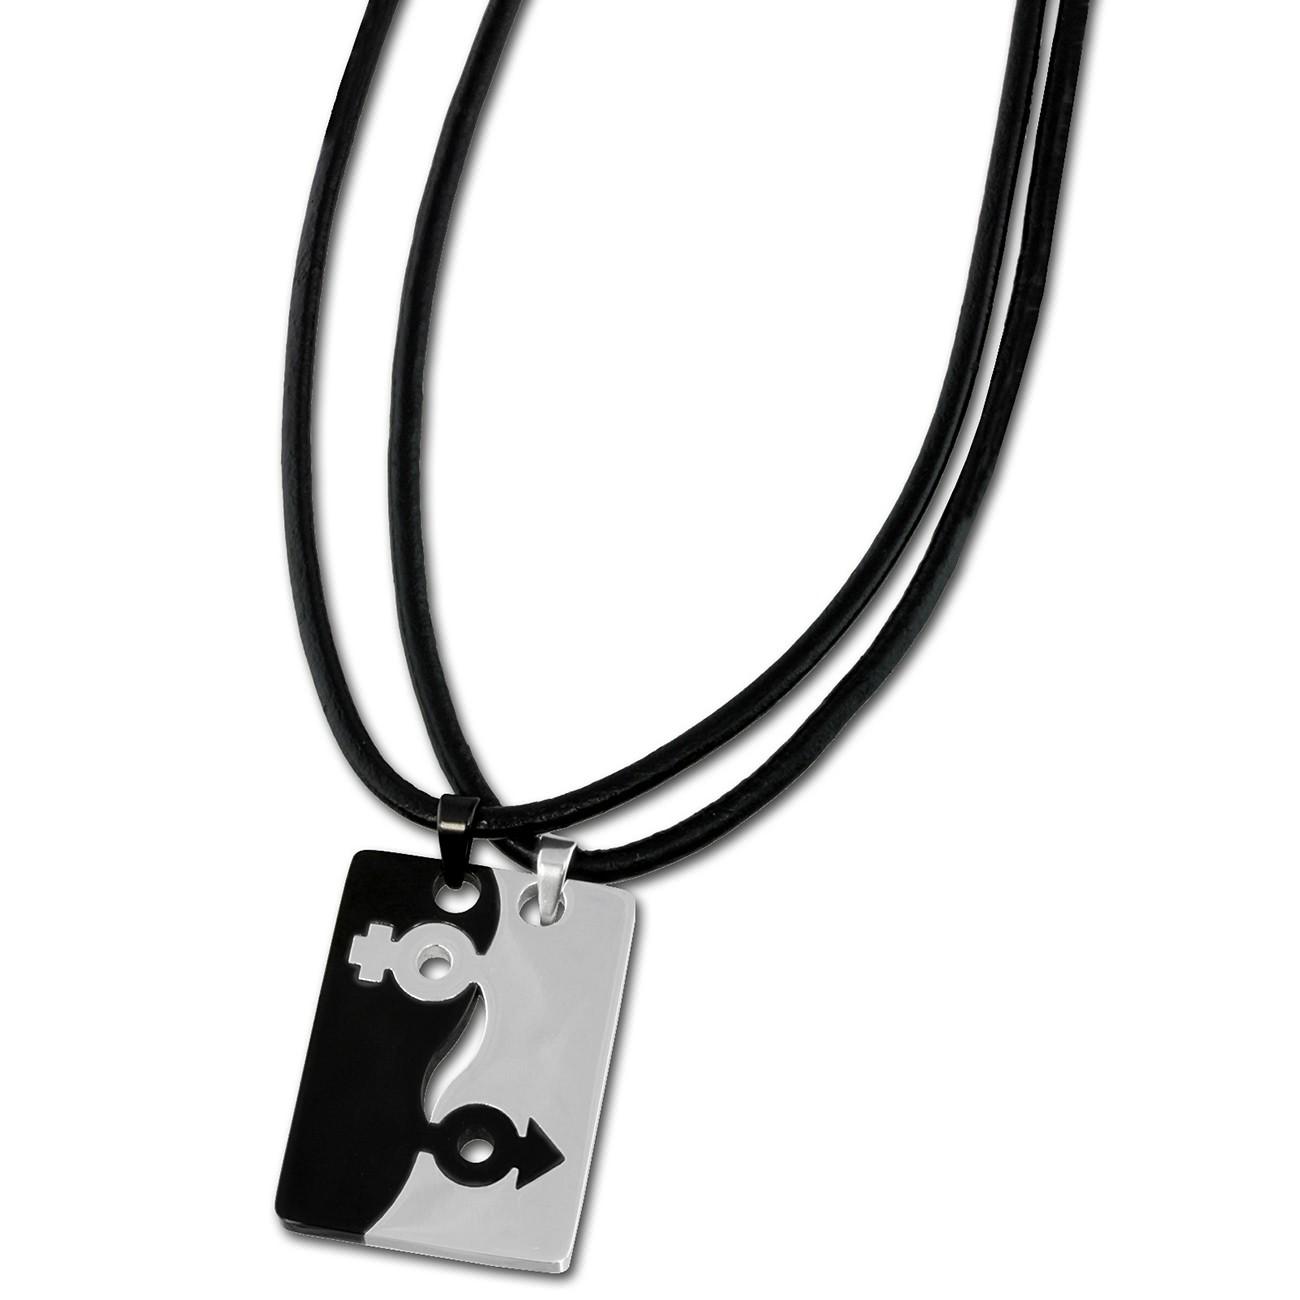 Amello Halsketten-Set Sexus schwarz/weiß Edelstahlschmuck Unisex ESK002S